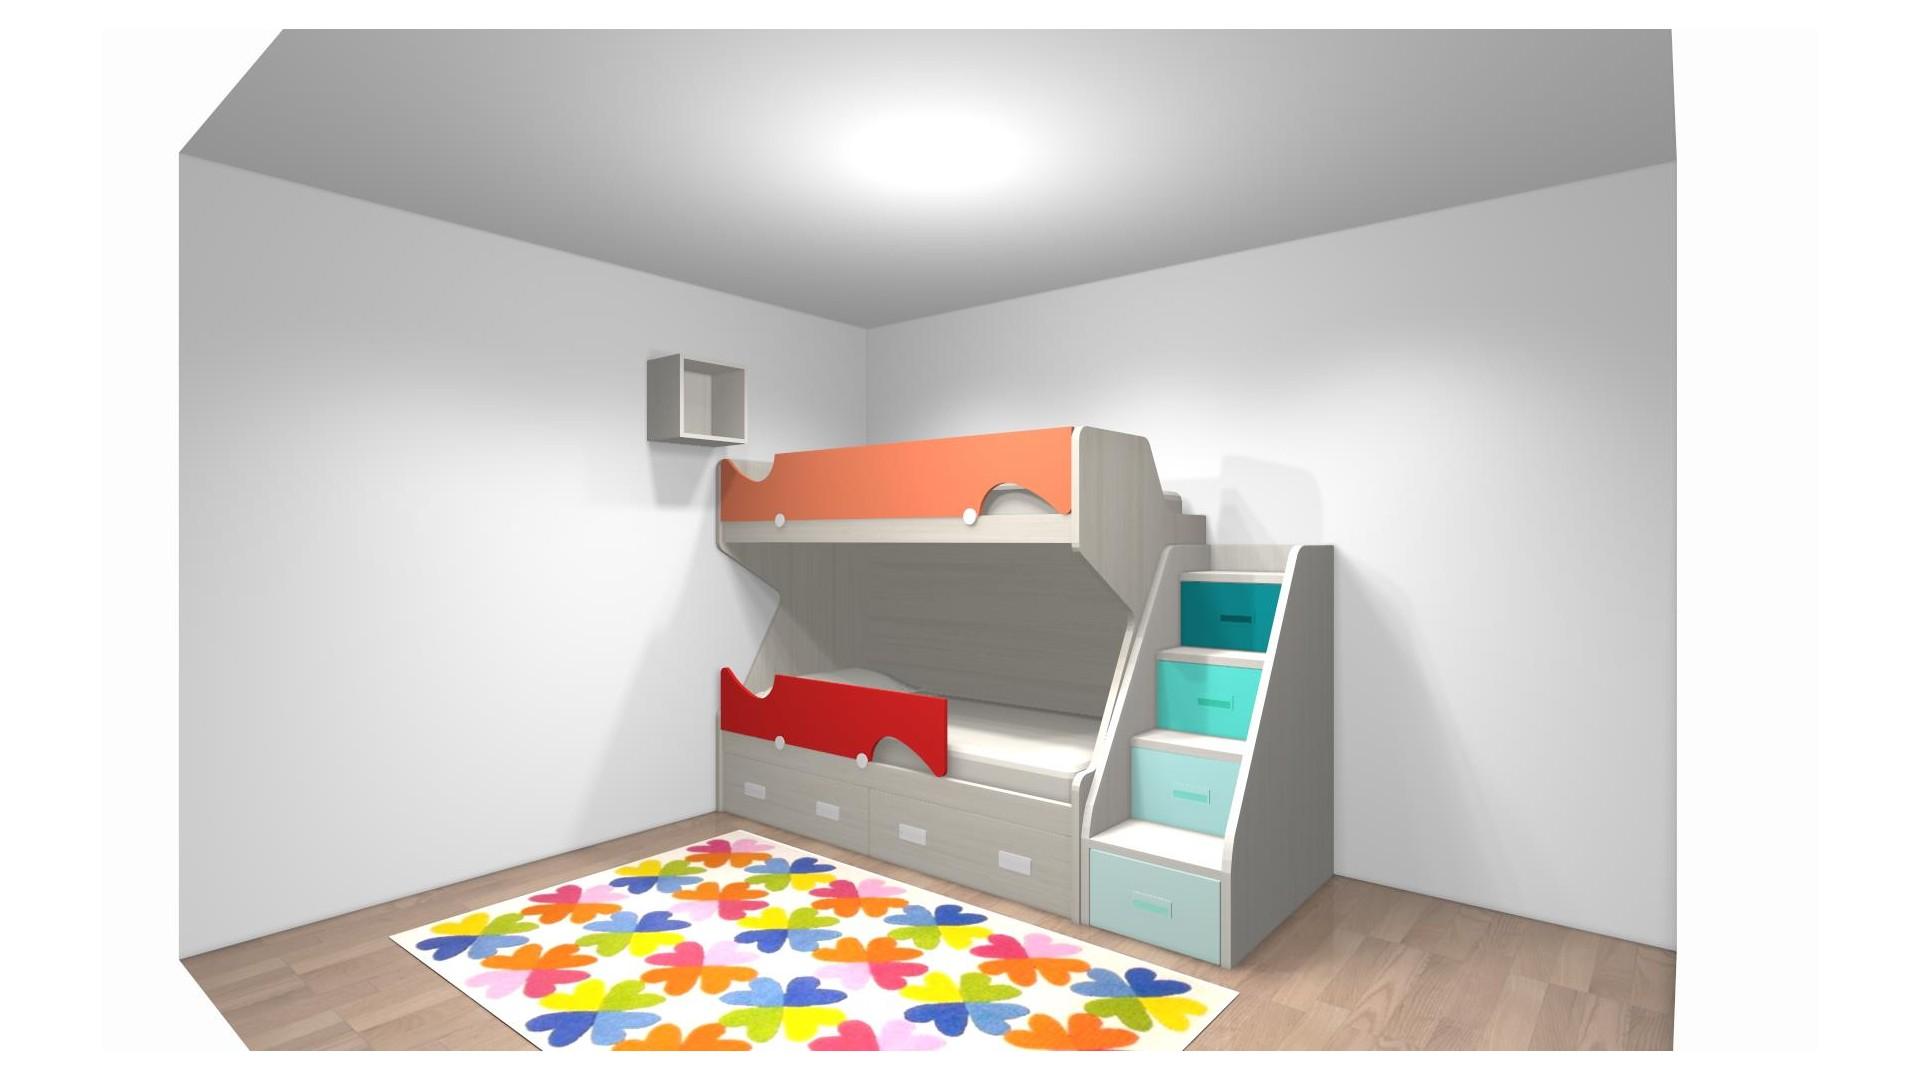 lit superpose enfant et escalier pour mme giuliani